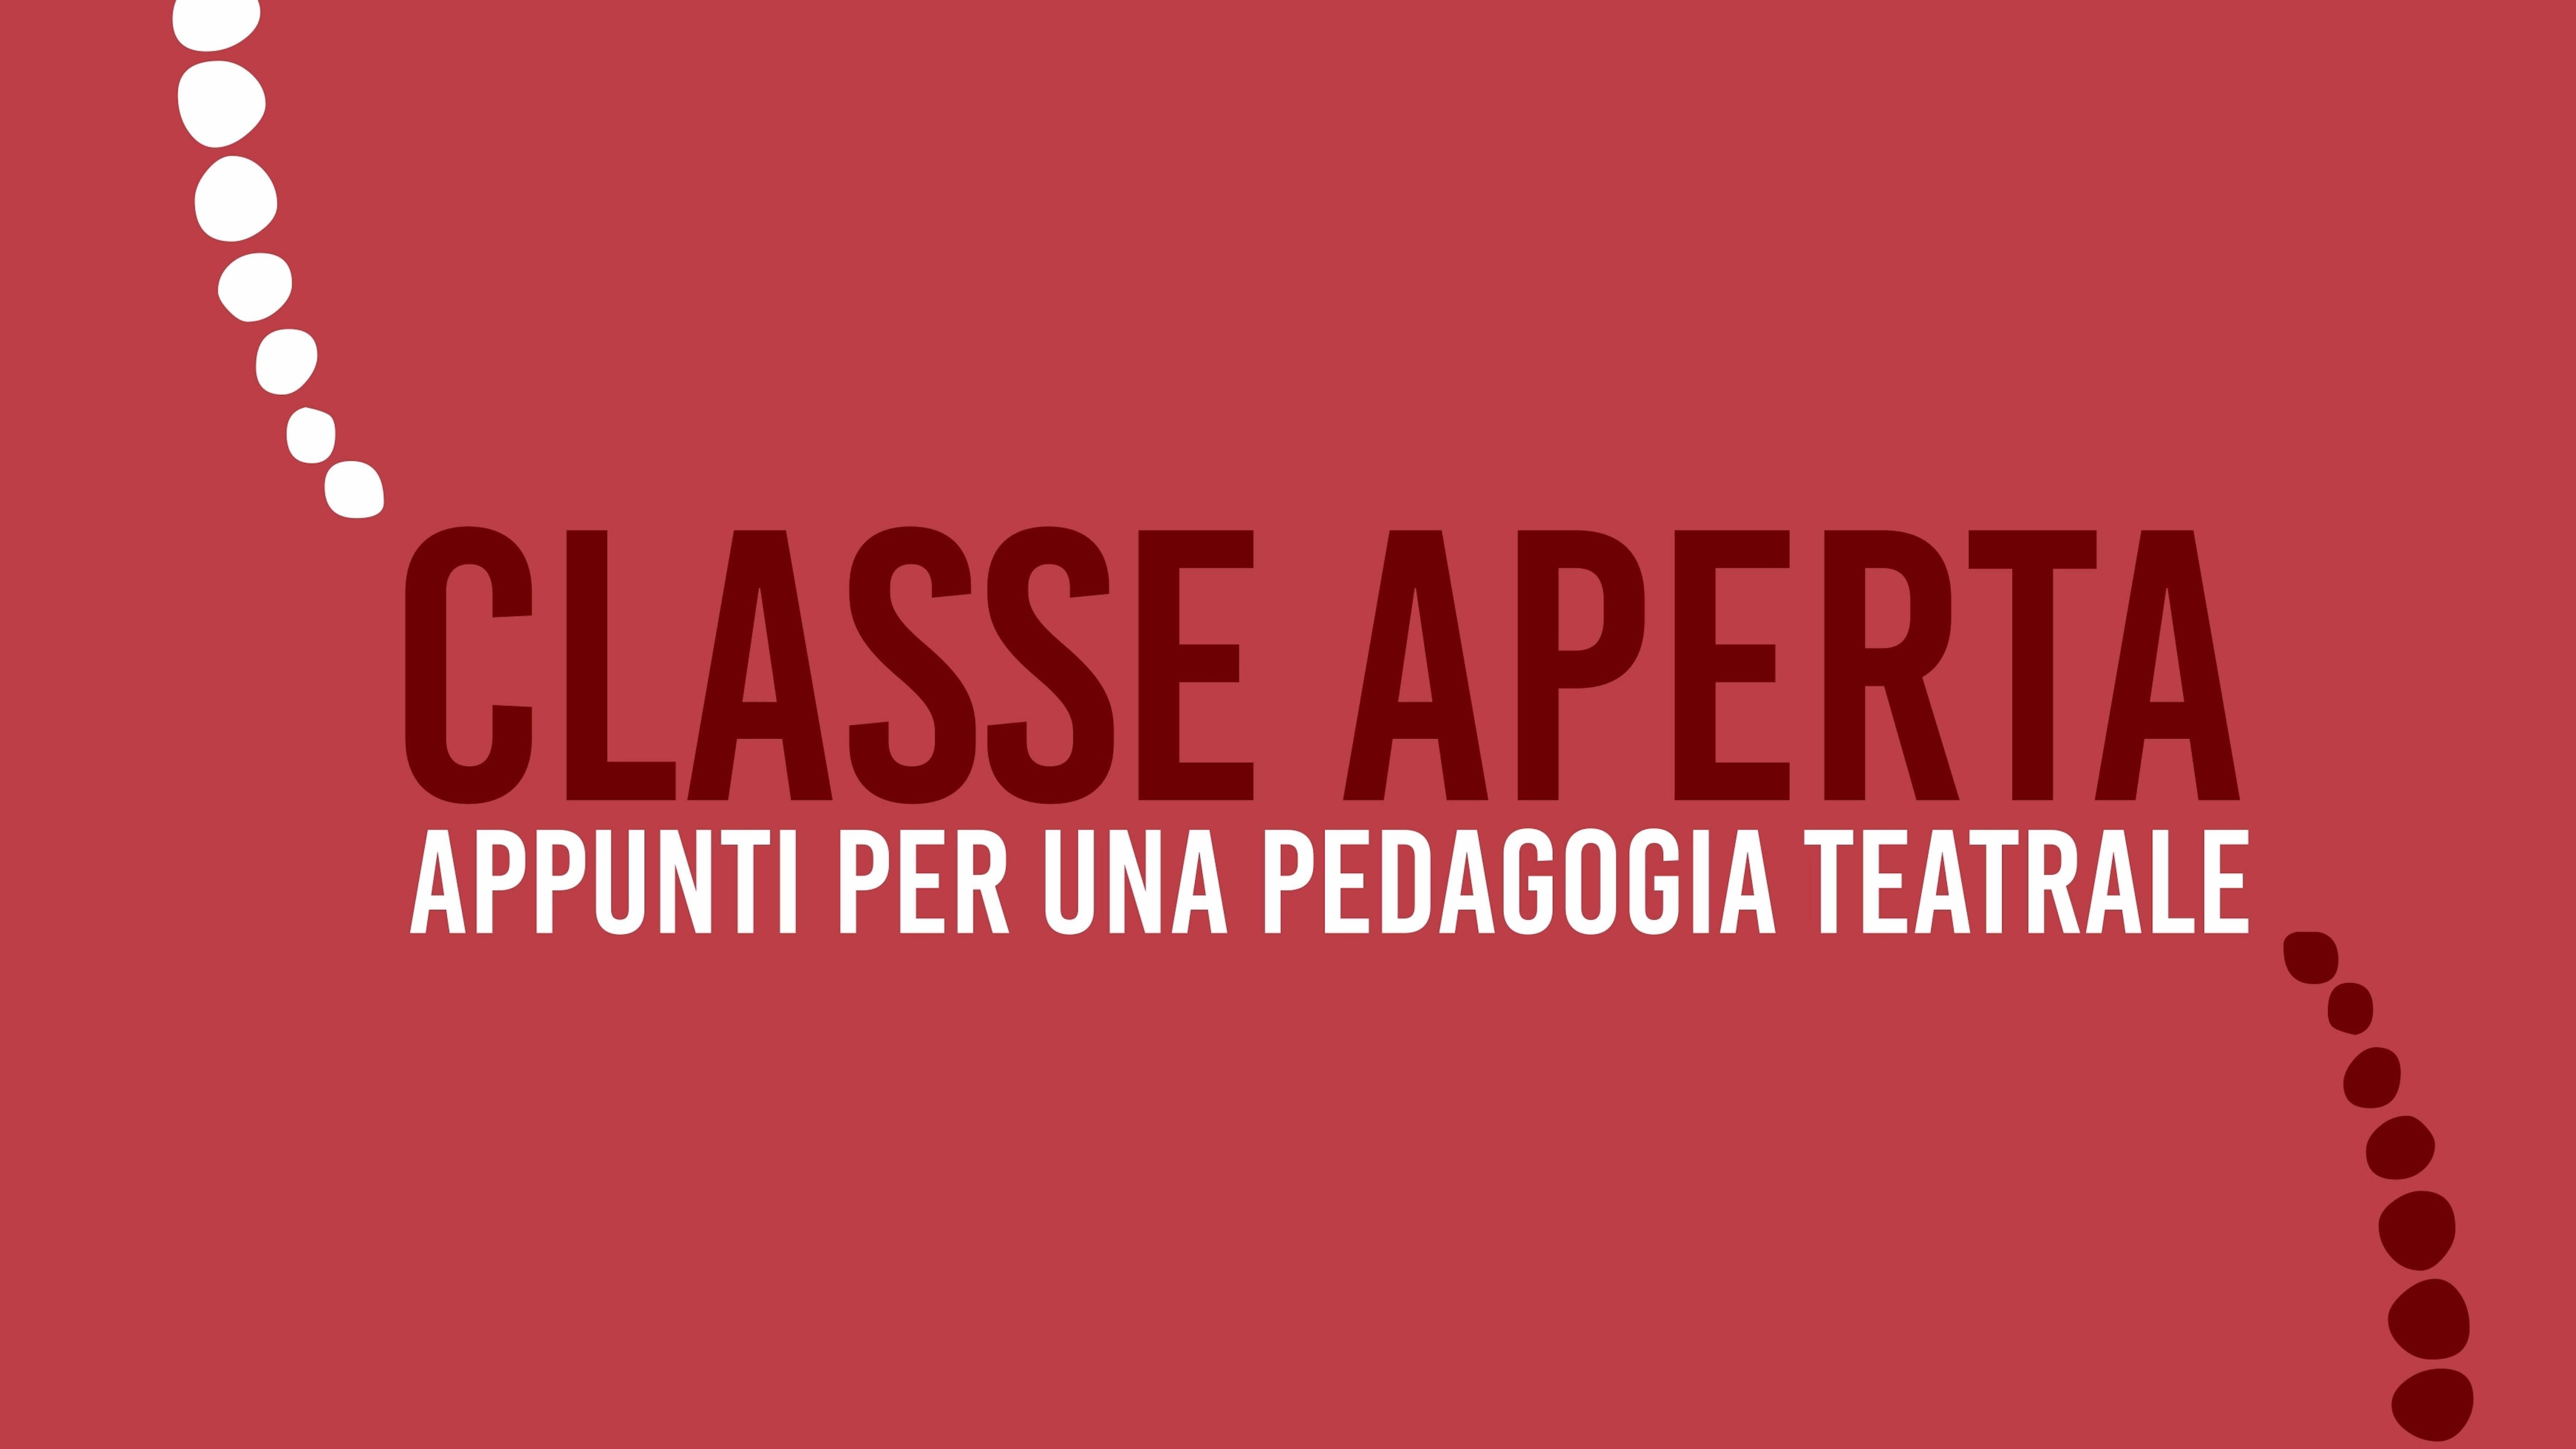 Classe aperta, appunti per una pedagogia teatrale